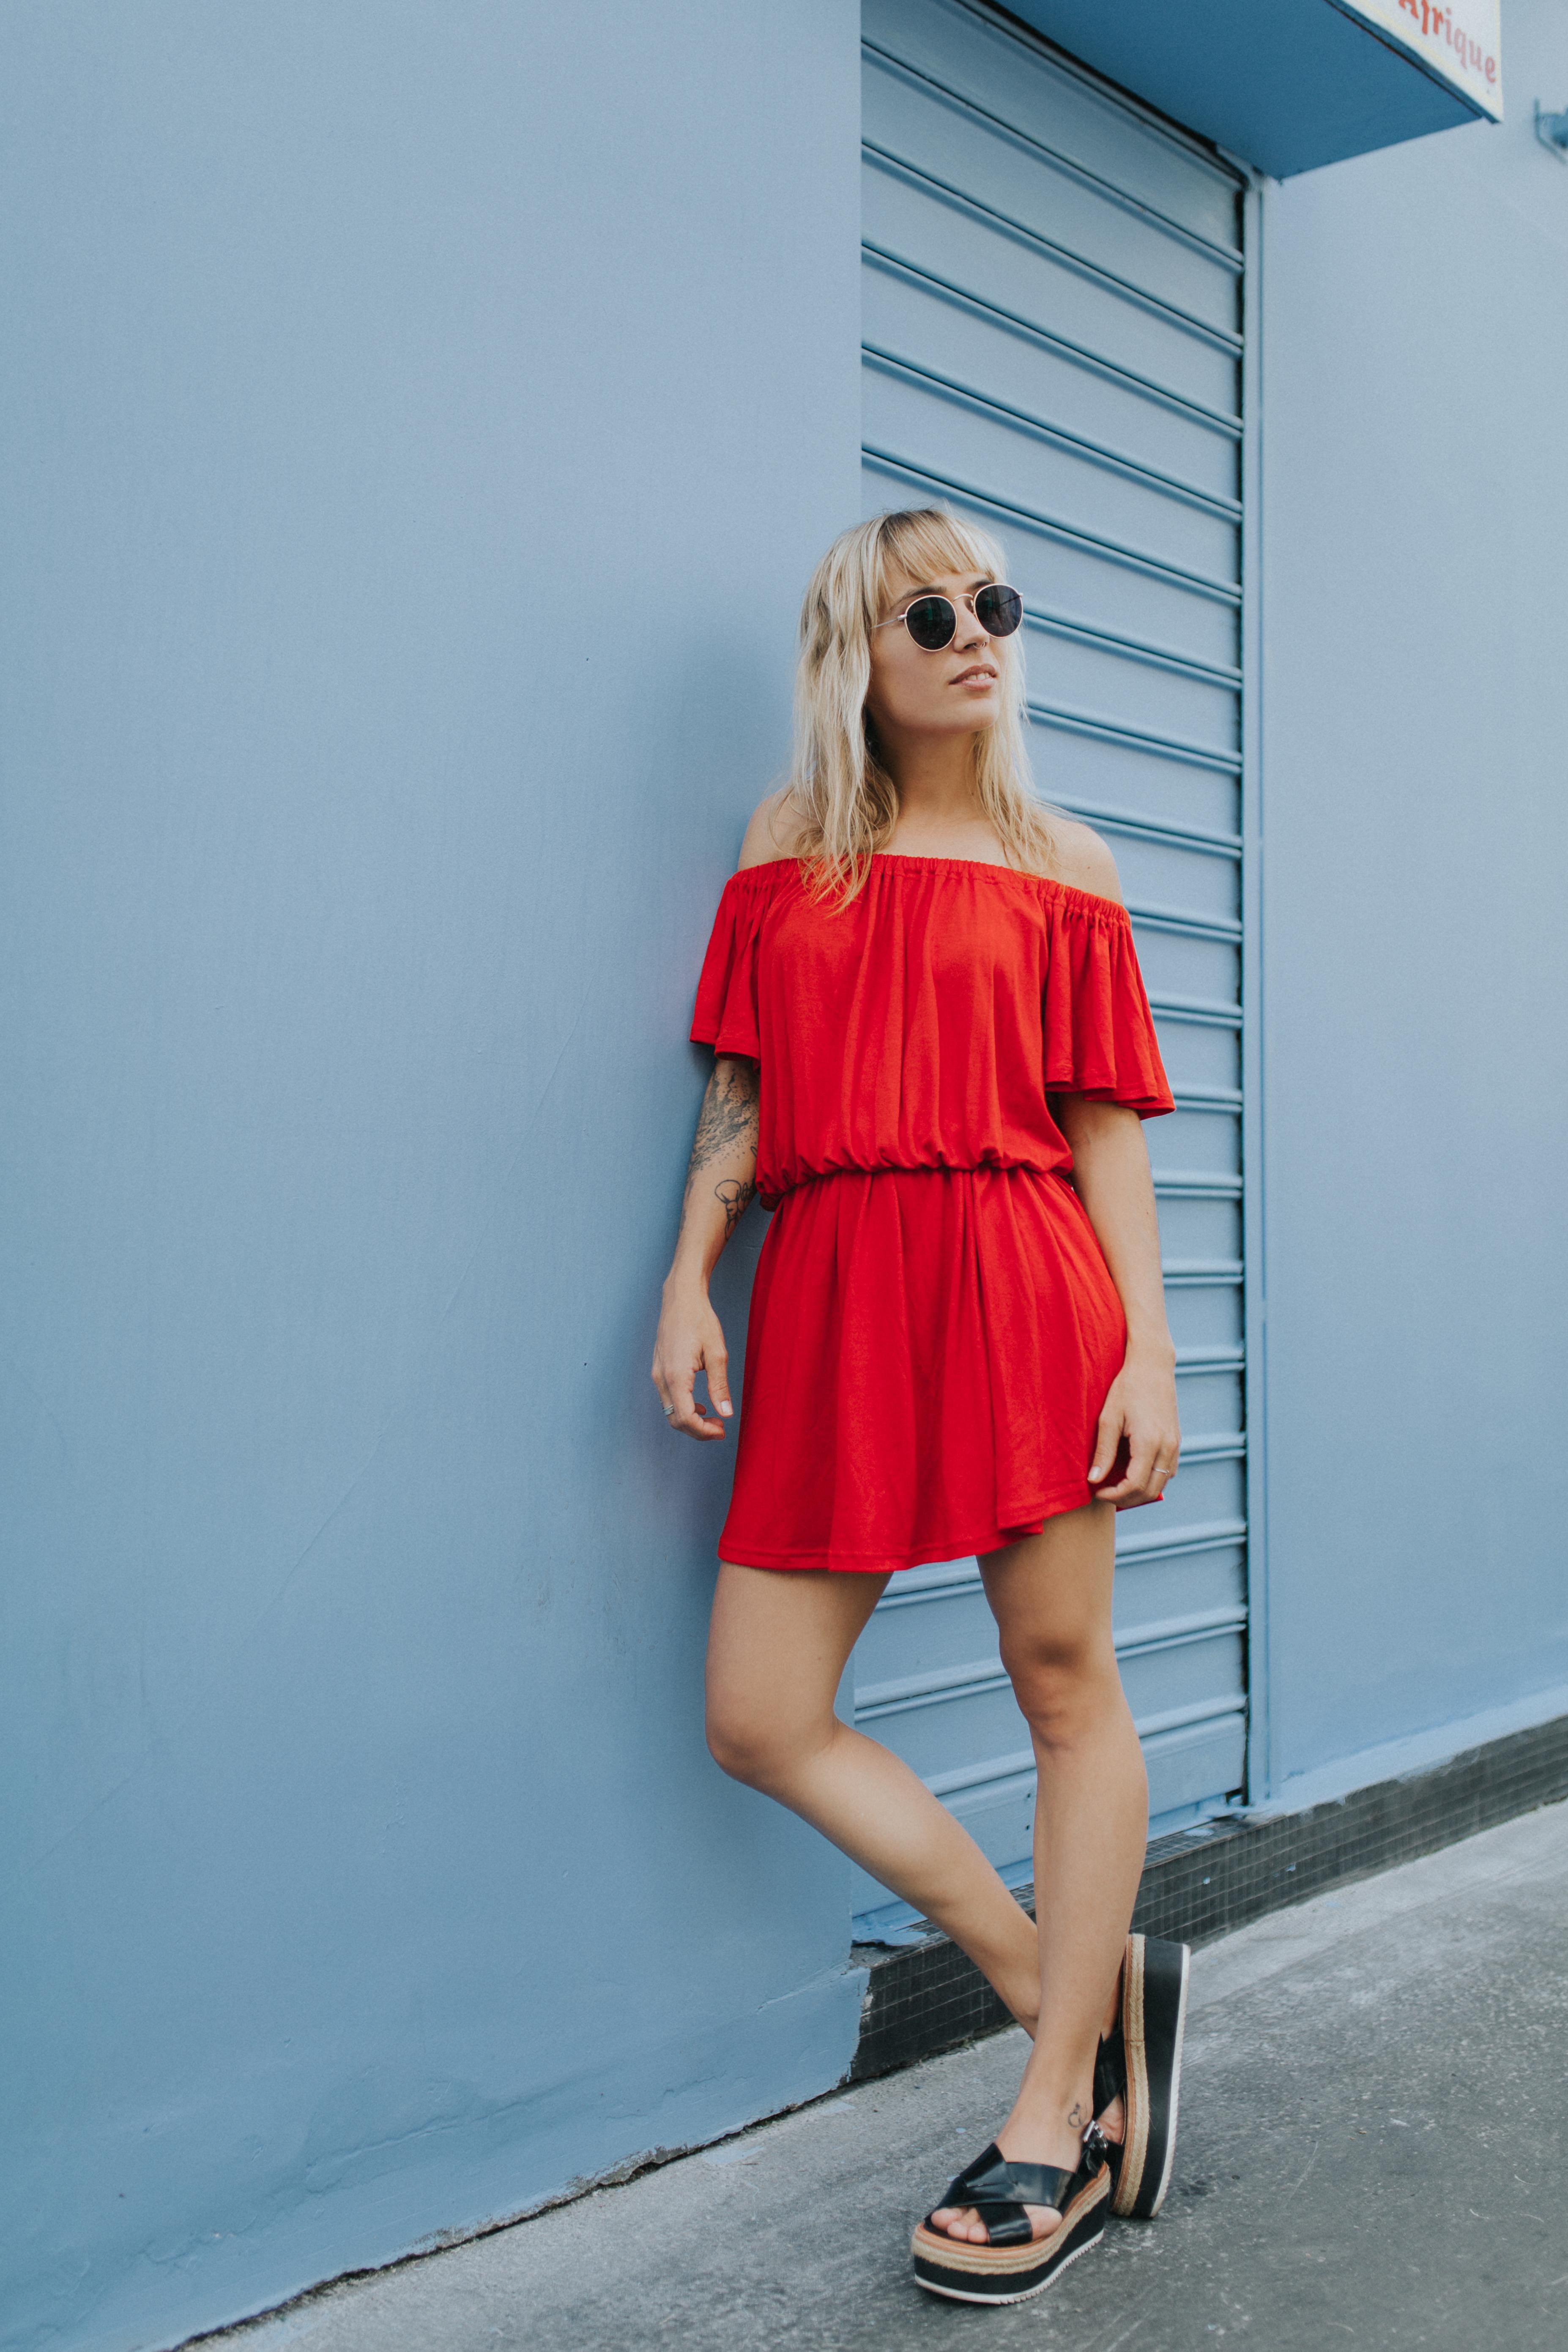 Robe rouge à épaules dénudées I Sp4nkblog par lyloutte 1